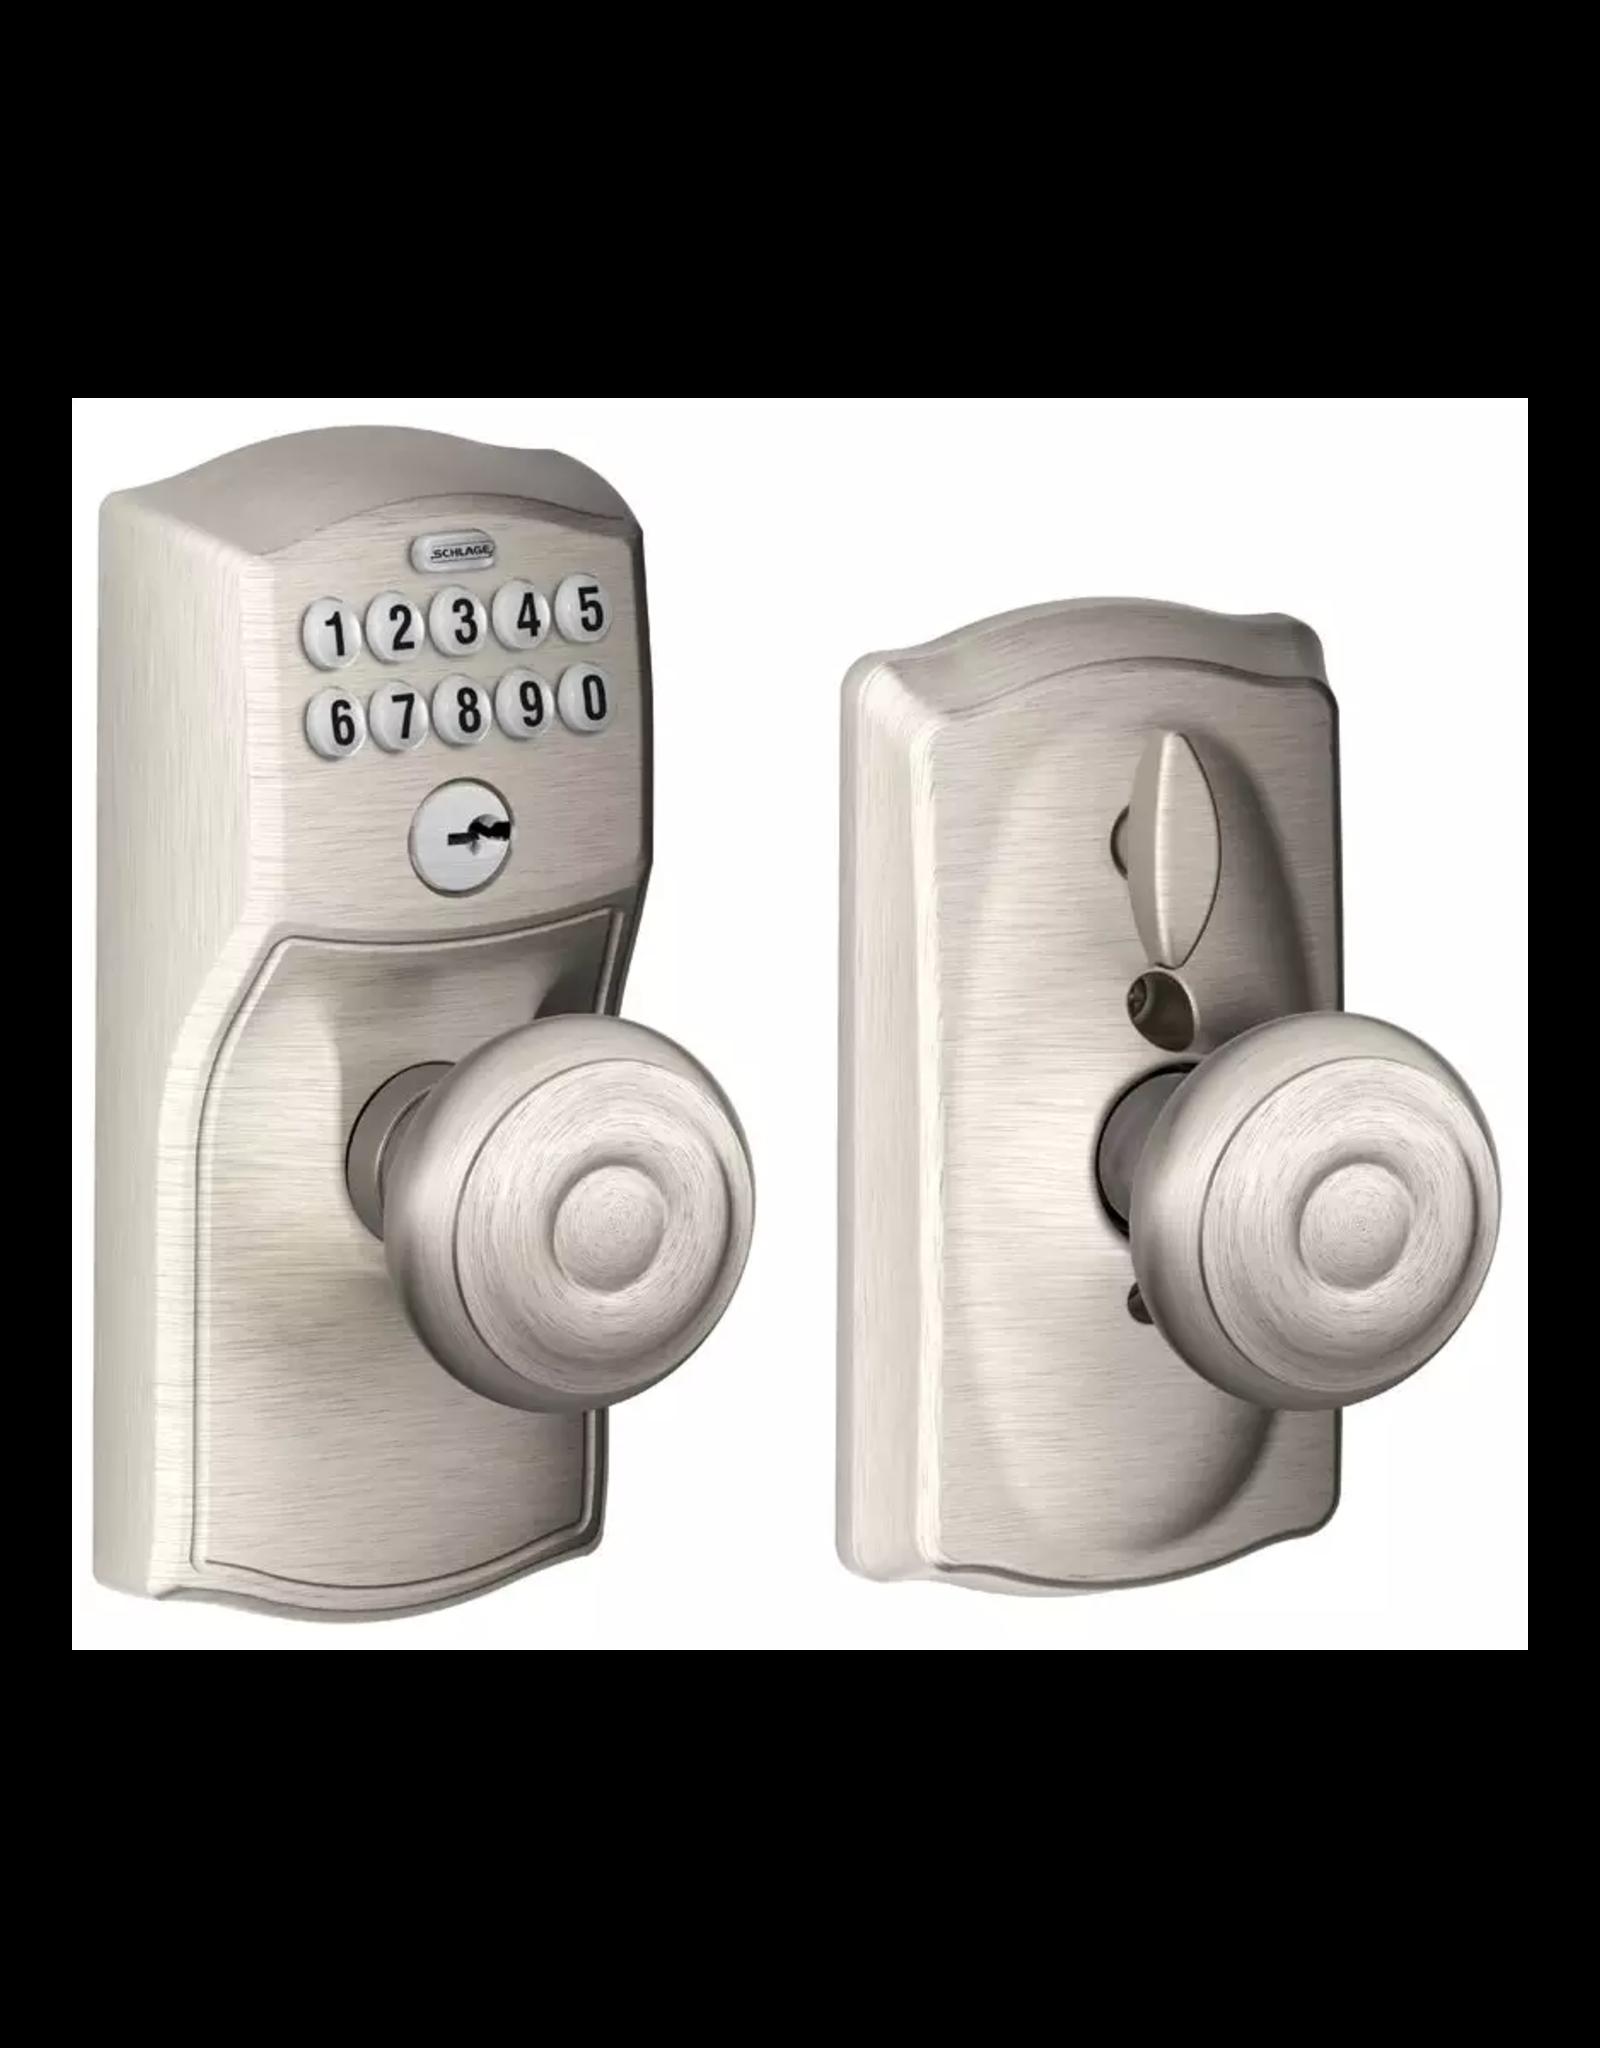 Schlage Schlage Camelot Keypad Entry with Flex-Lock Door Knob Set  with Georgian Interior Knob